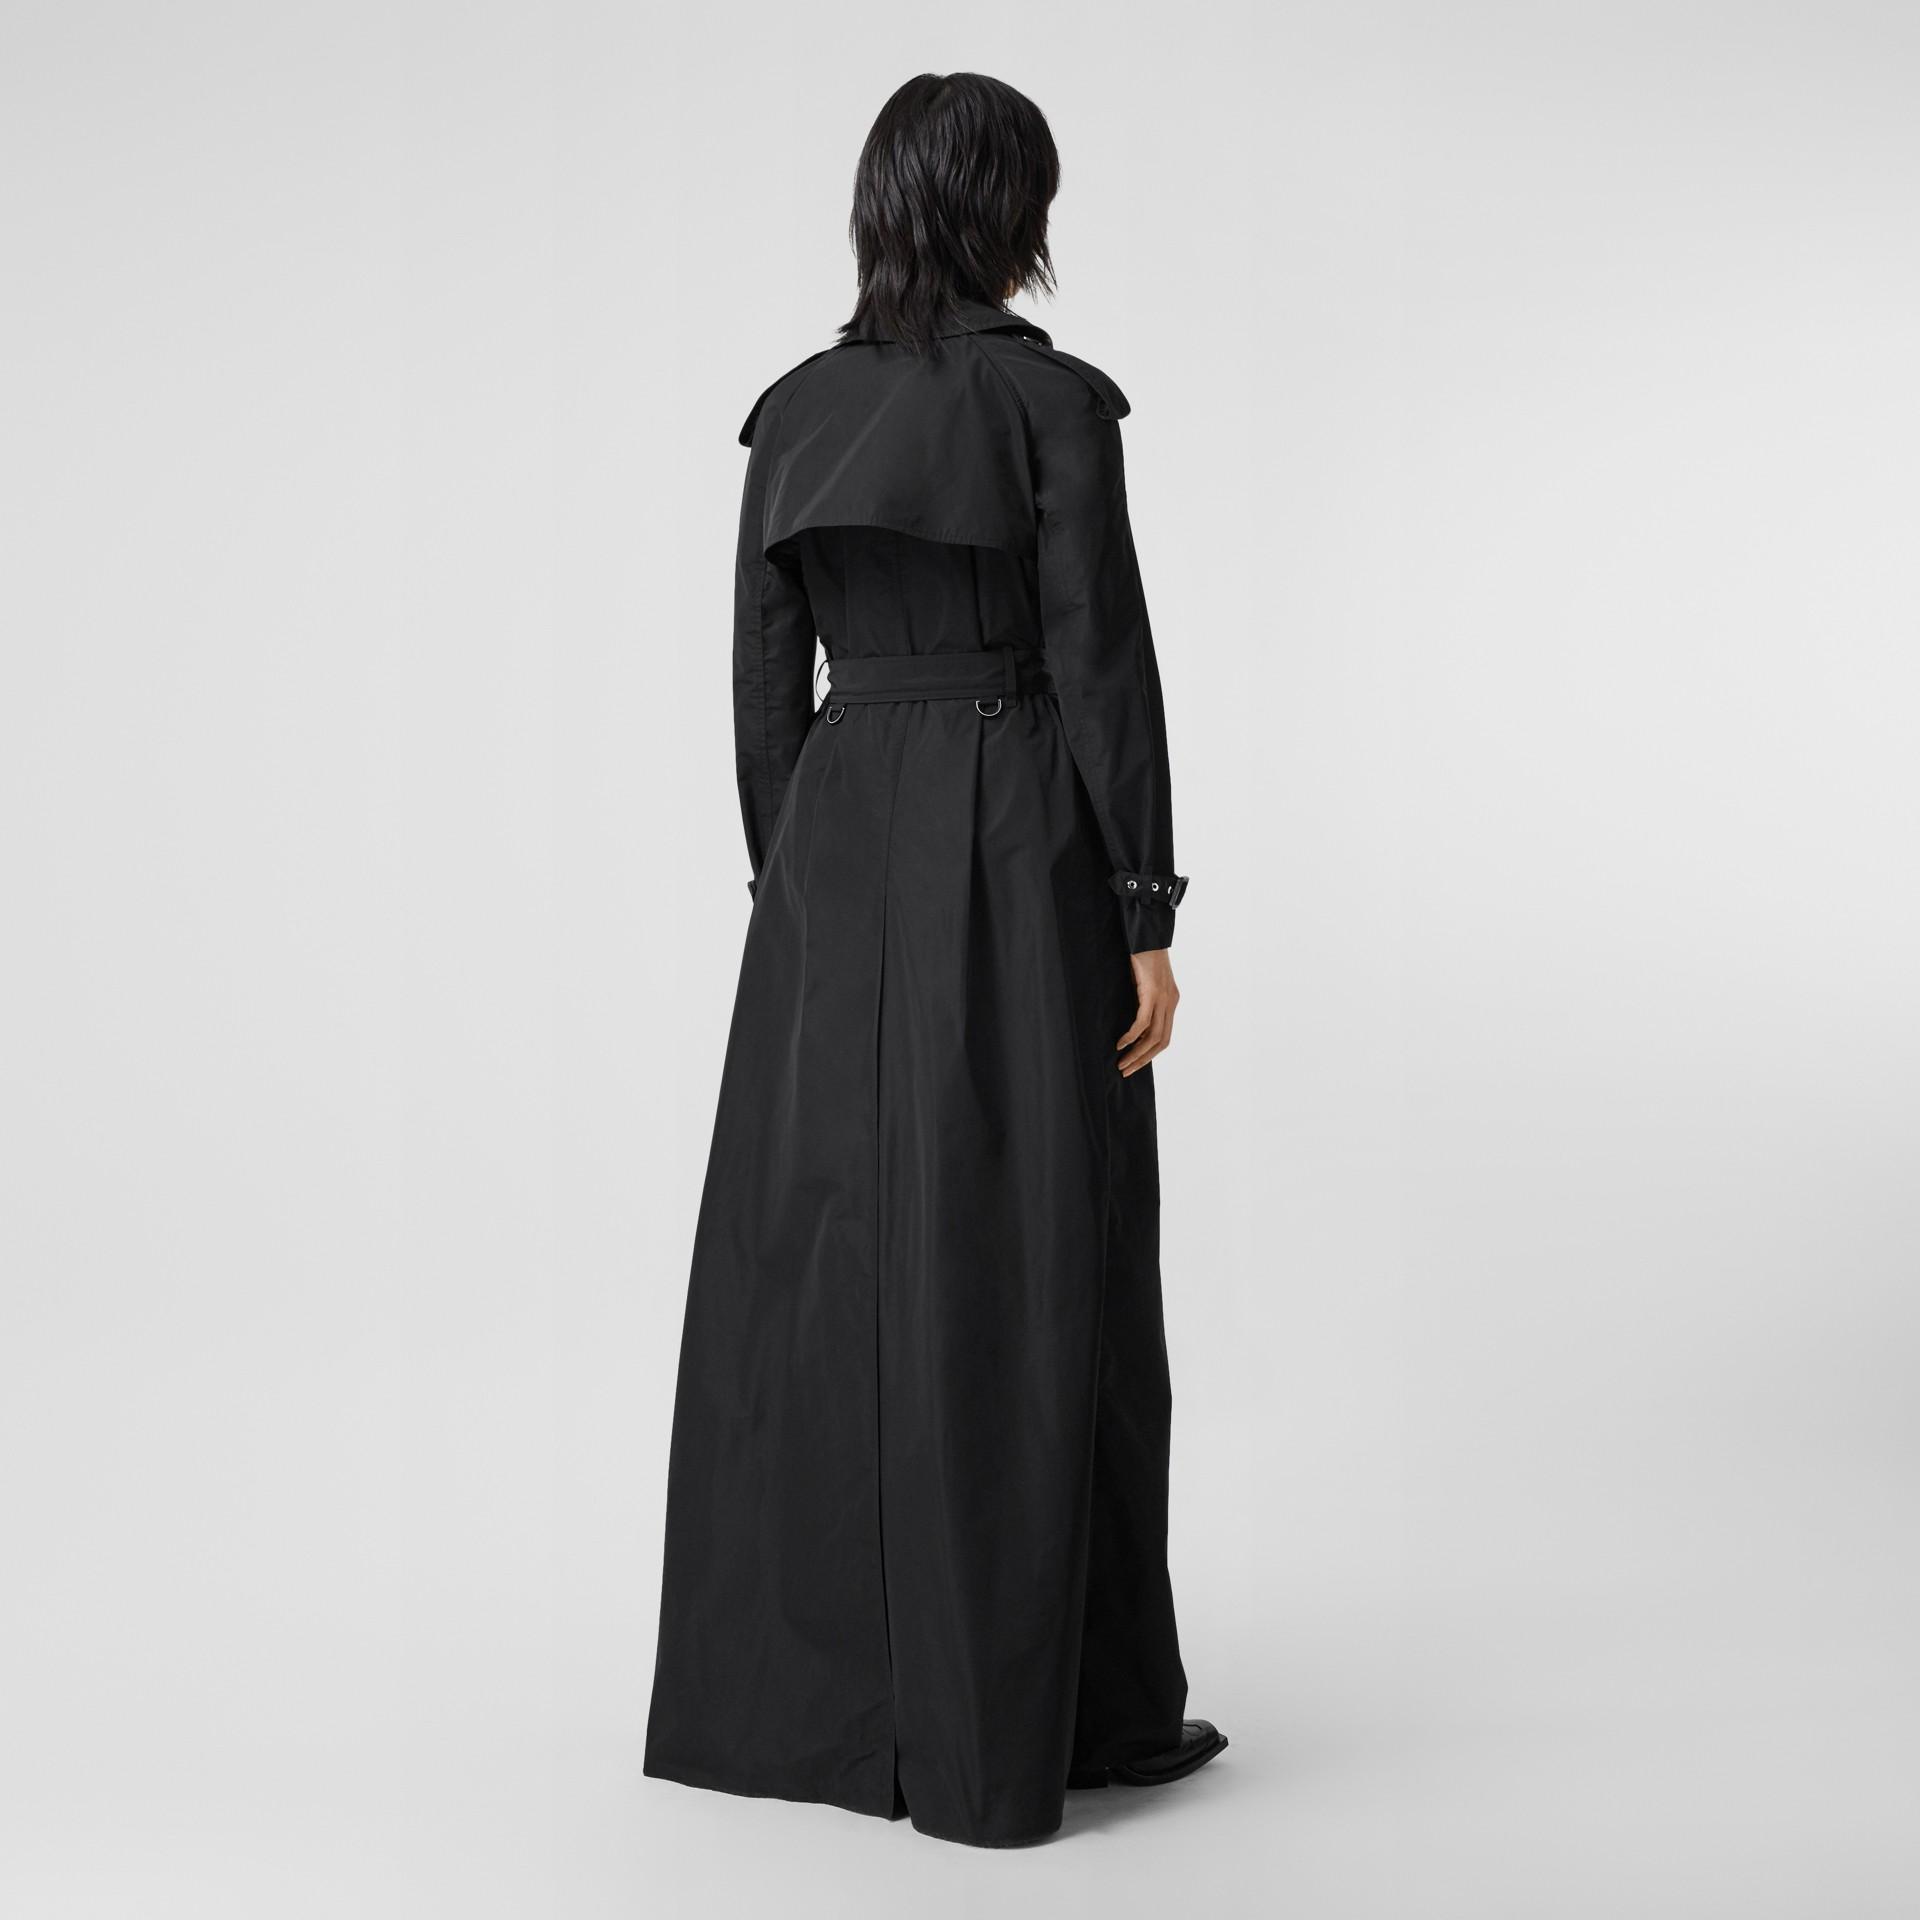 Trench coat extra lungo in taffetà a memoria di forma (Nero) - Donna | Burberry - immagine della galleria 2